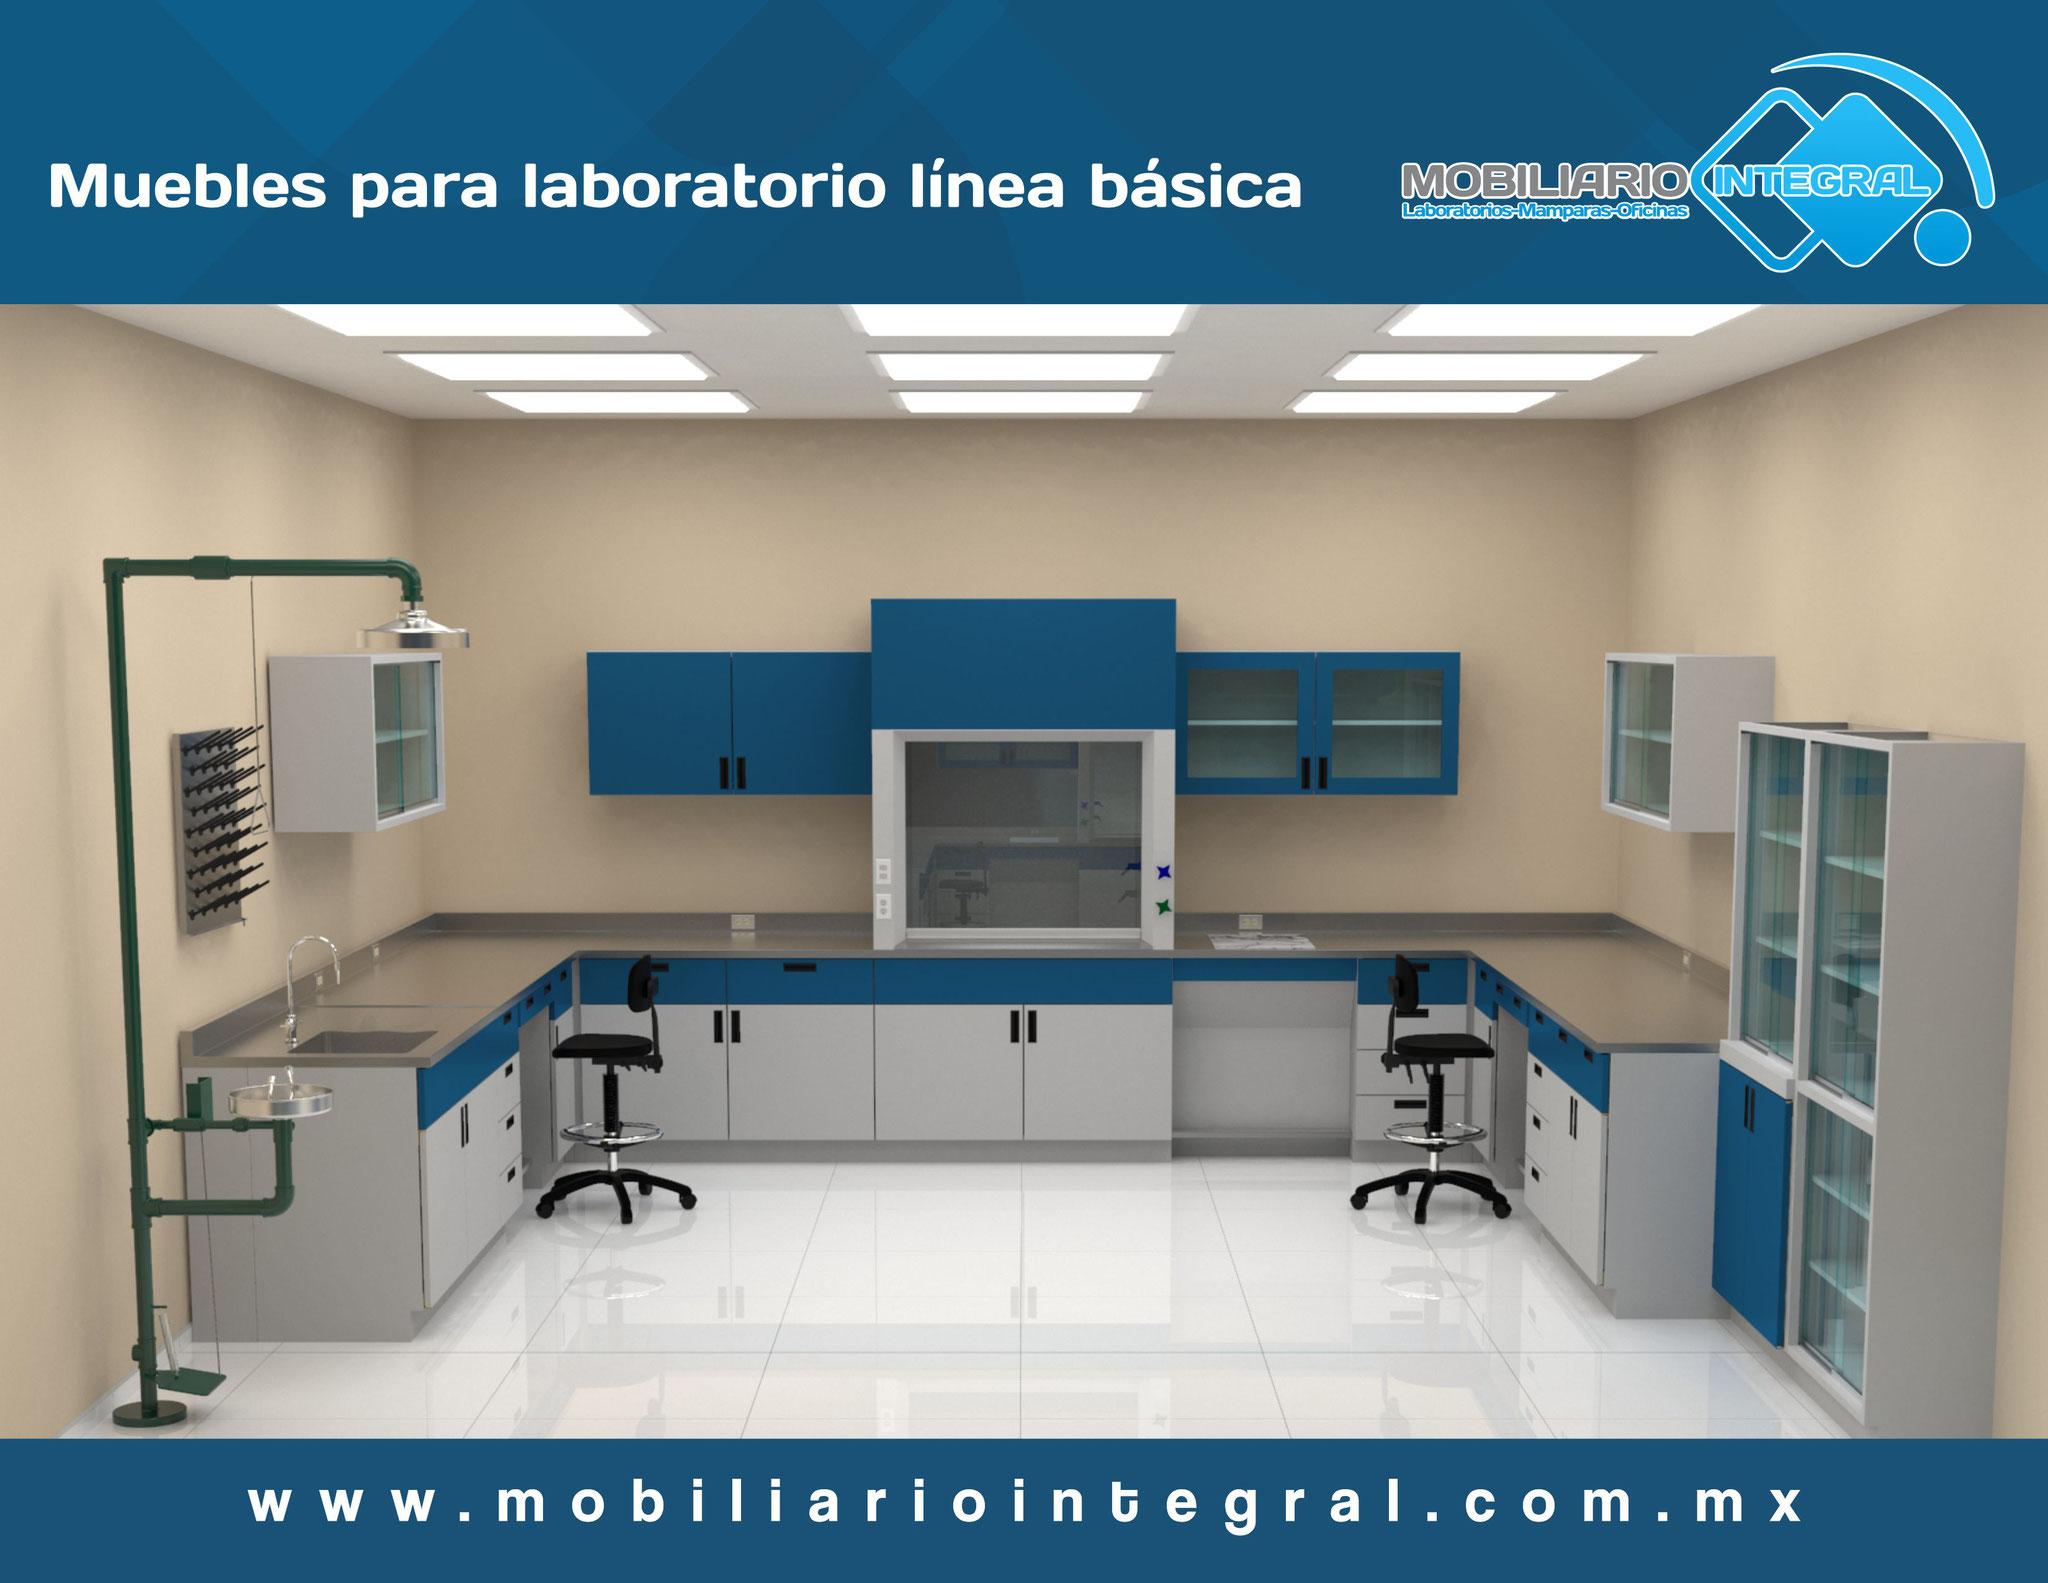 Muebles para laboratorio en Toluca